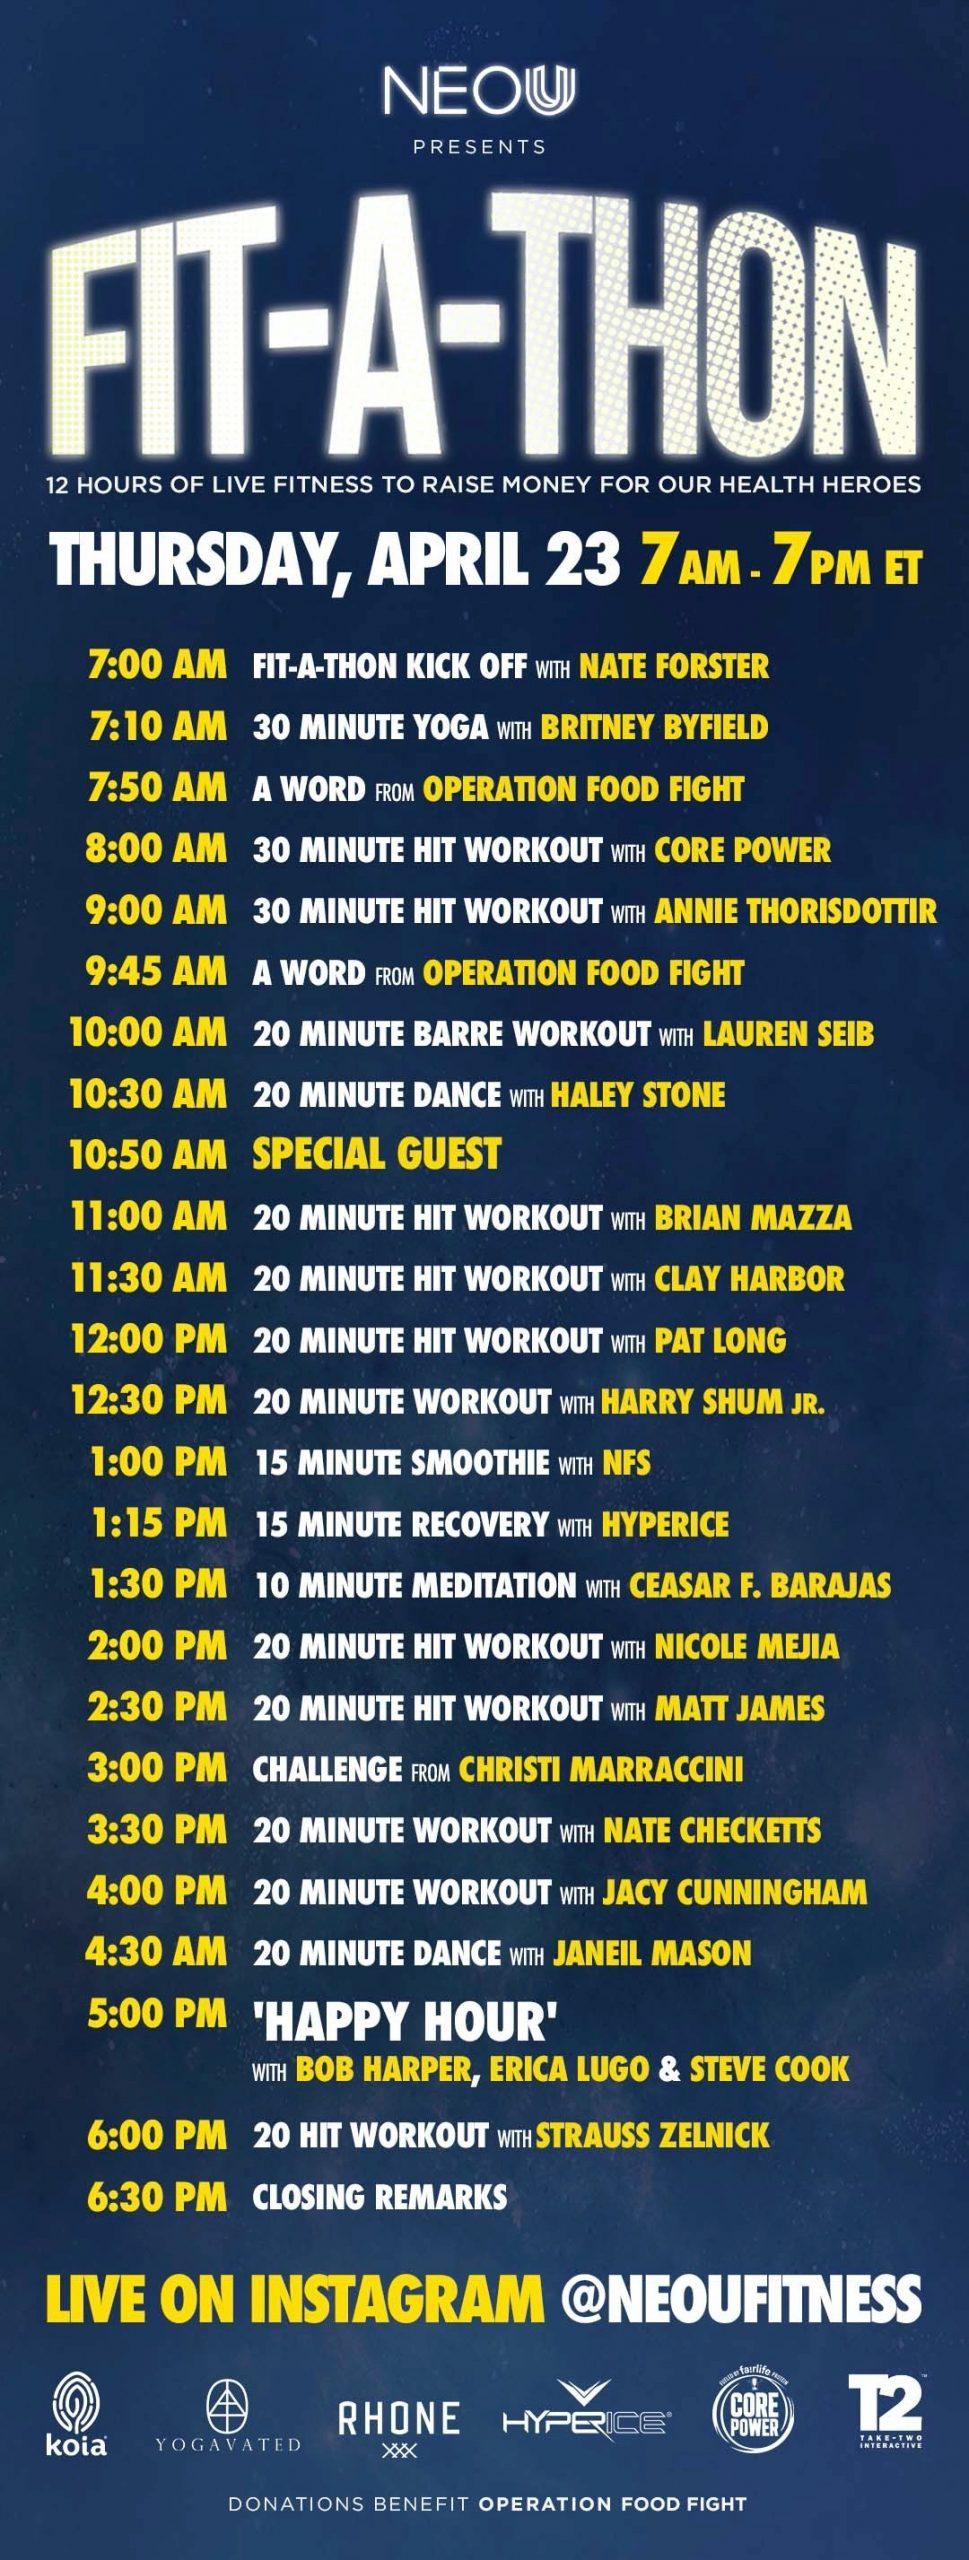 NEOU Fit-A-Thon schedule